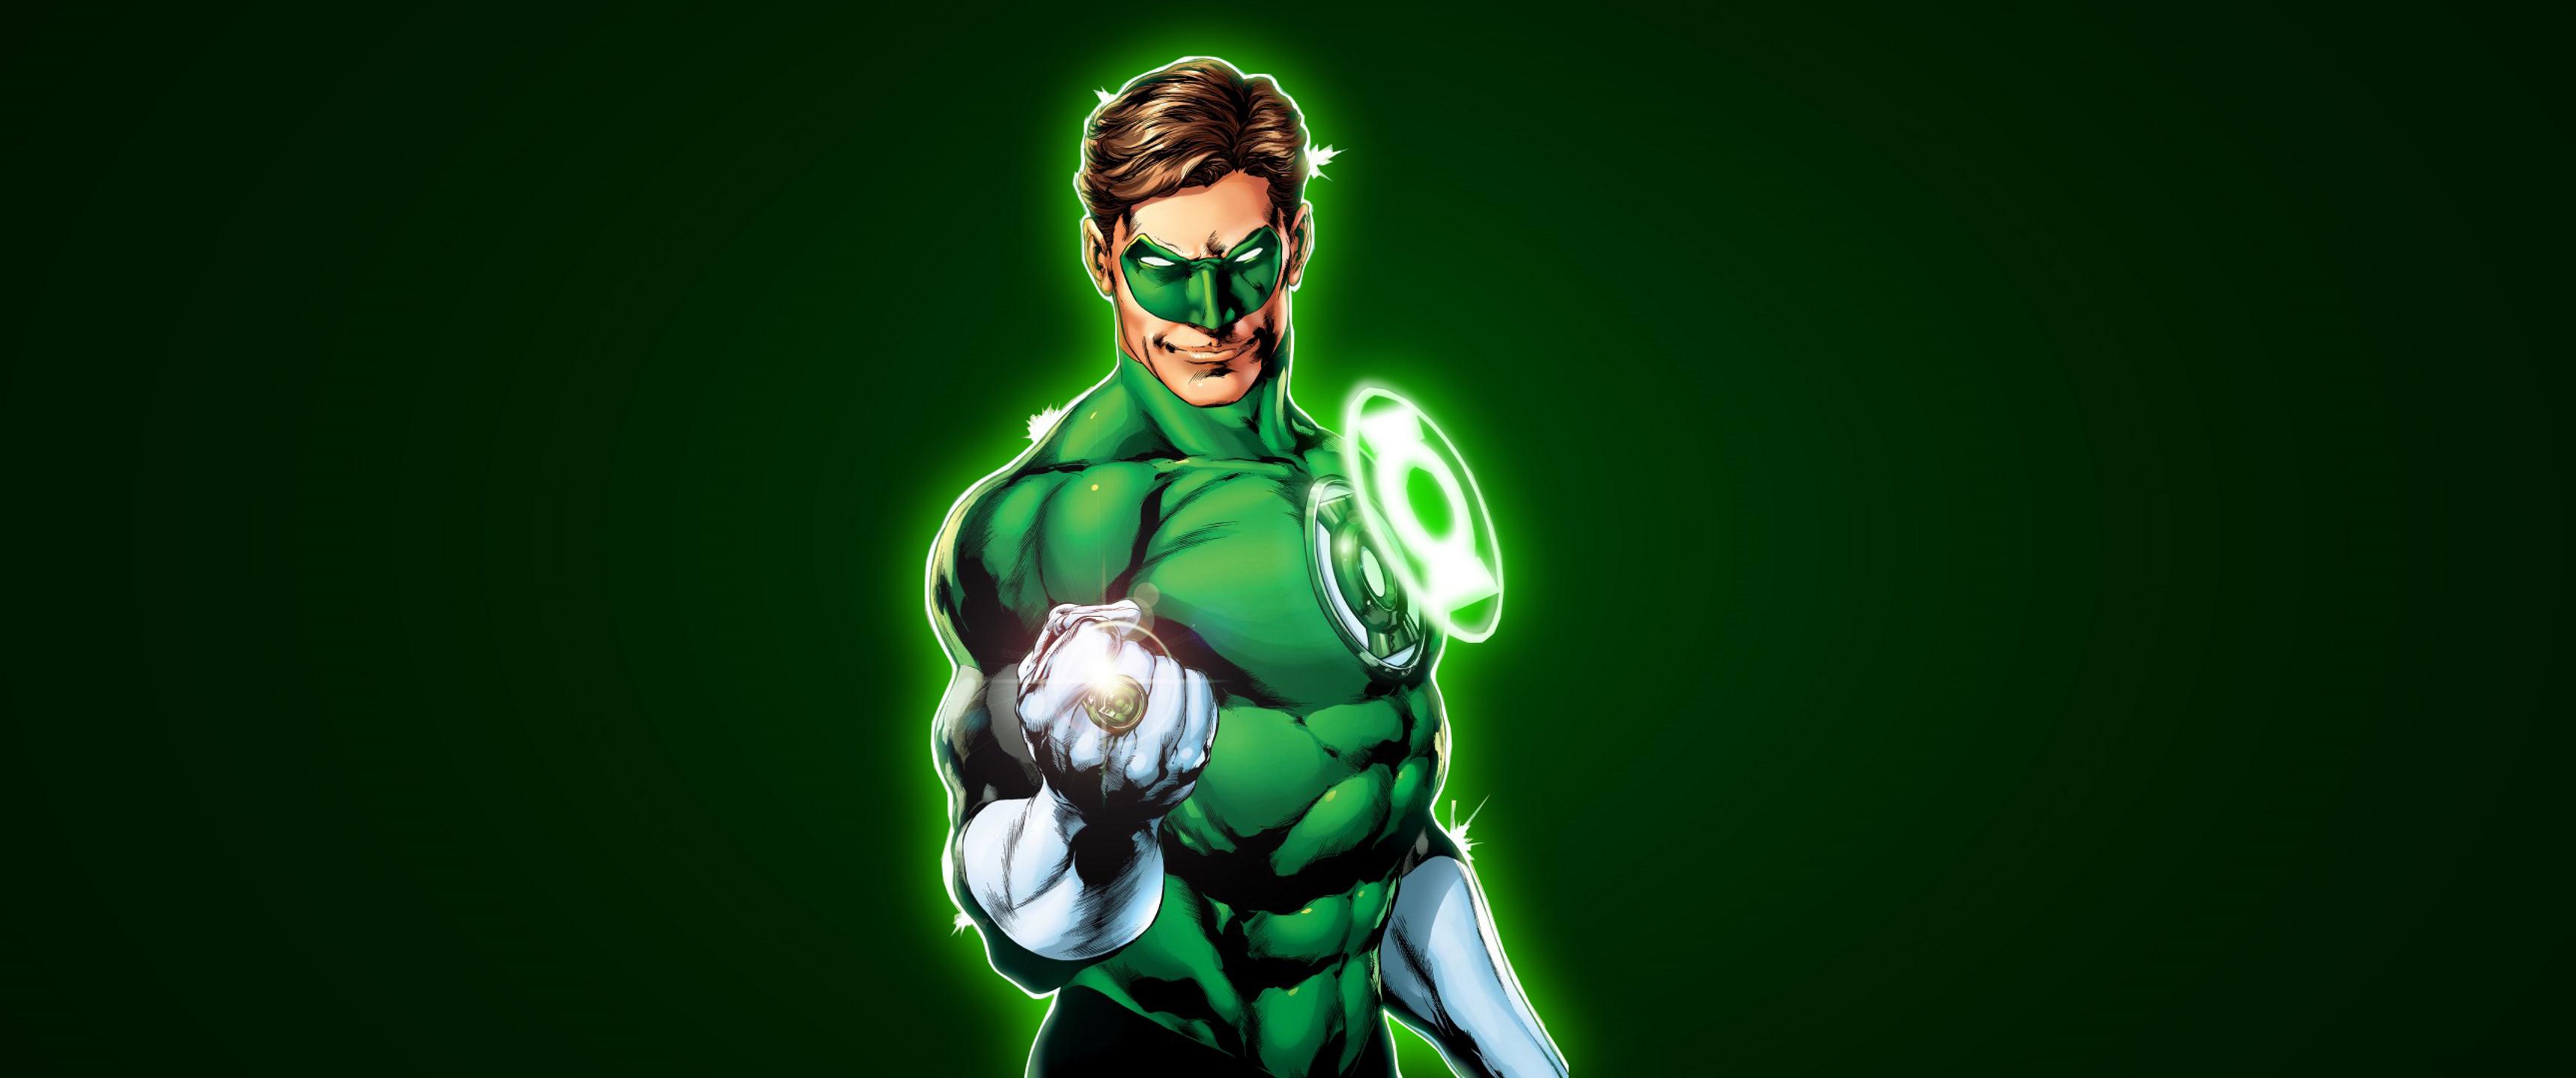 Green Lantern Comic Wallpaper: Green Lantern HD Wallpaper